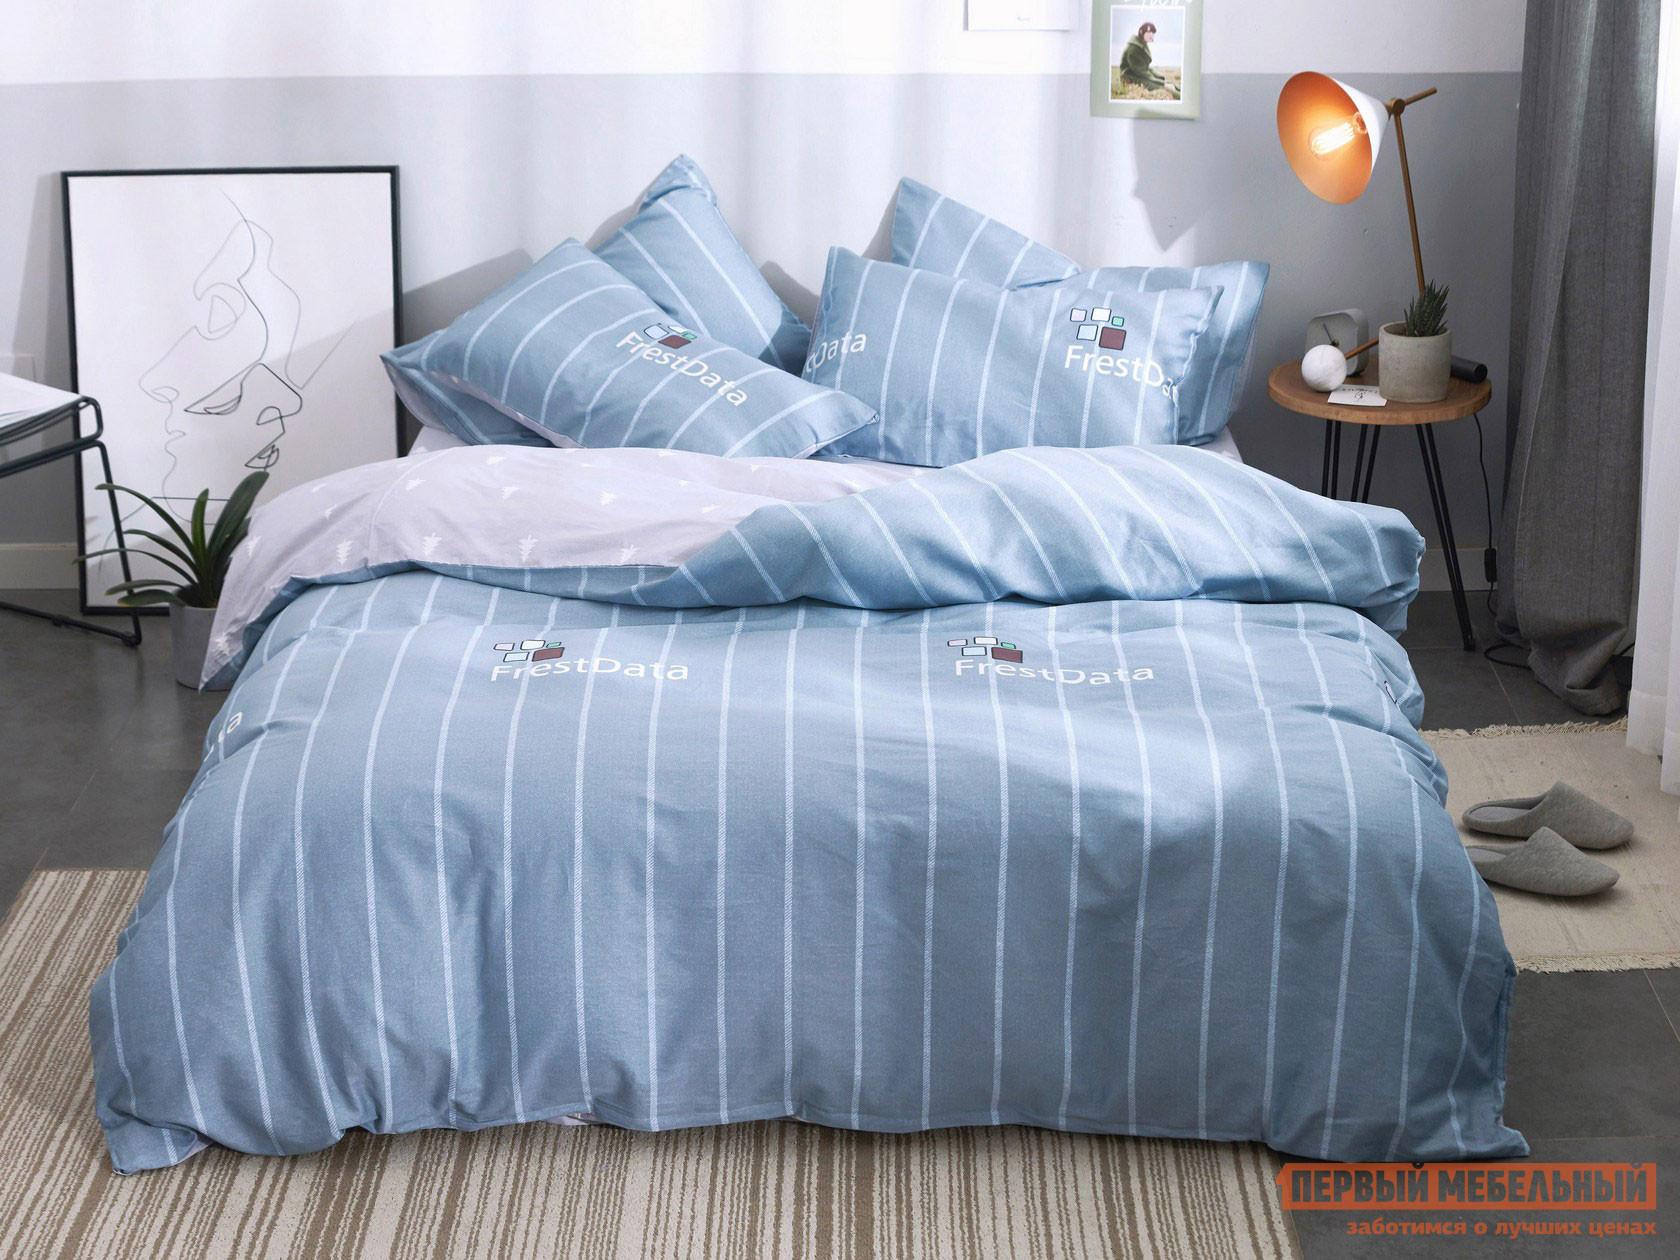 Комплект постельного белья КПБ Сатин-С71 С71, сатин, Евро фото